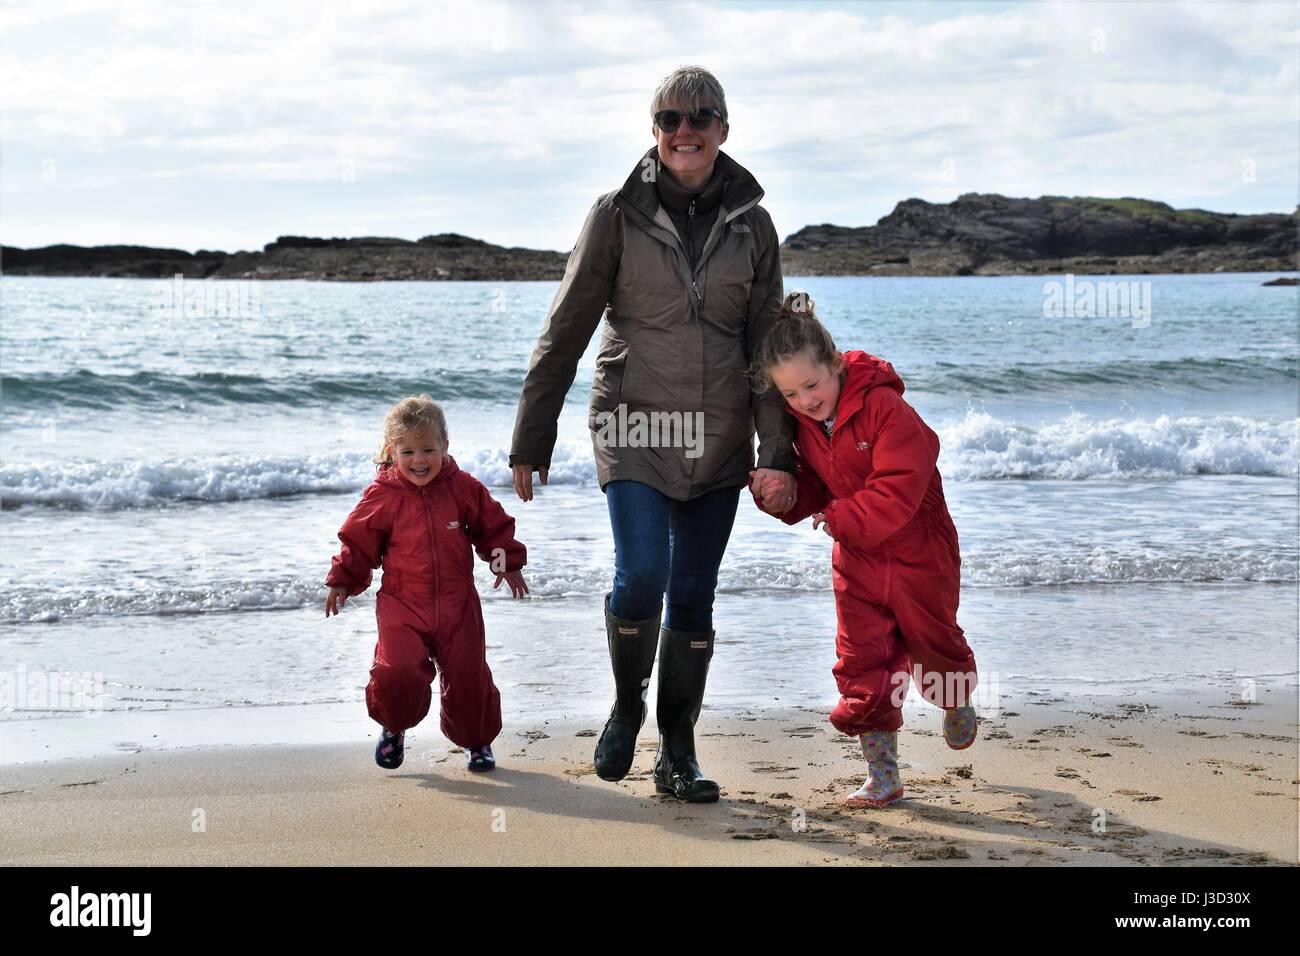 Family fun on Trearddur Bay, Anglesy, Wales - Stock Image